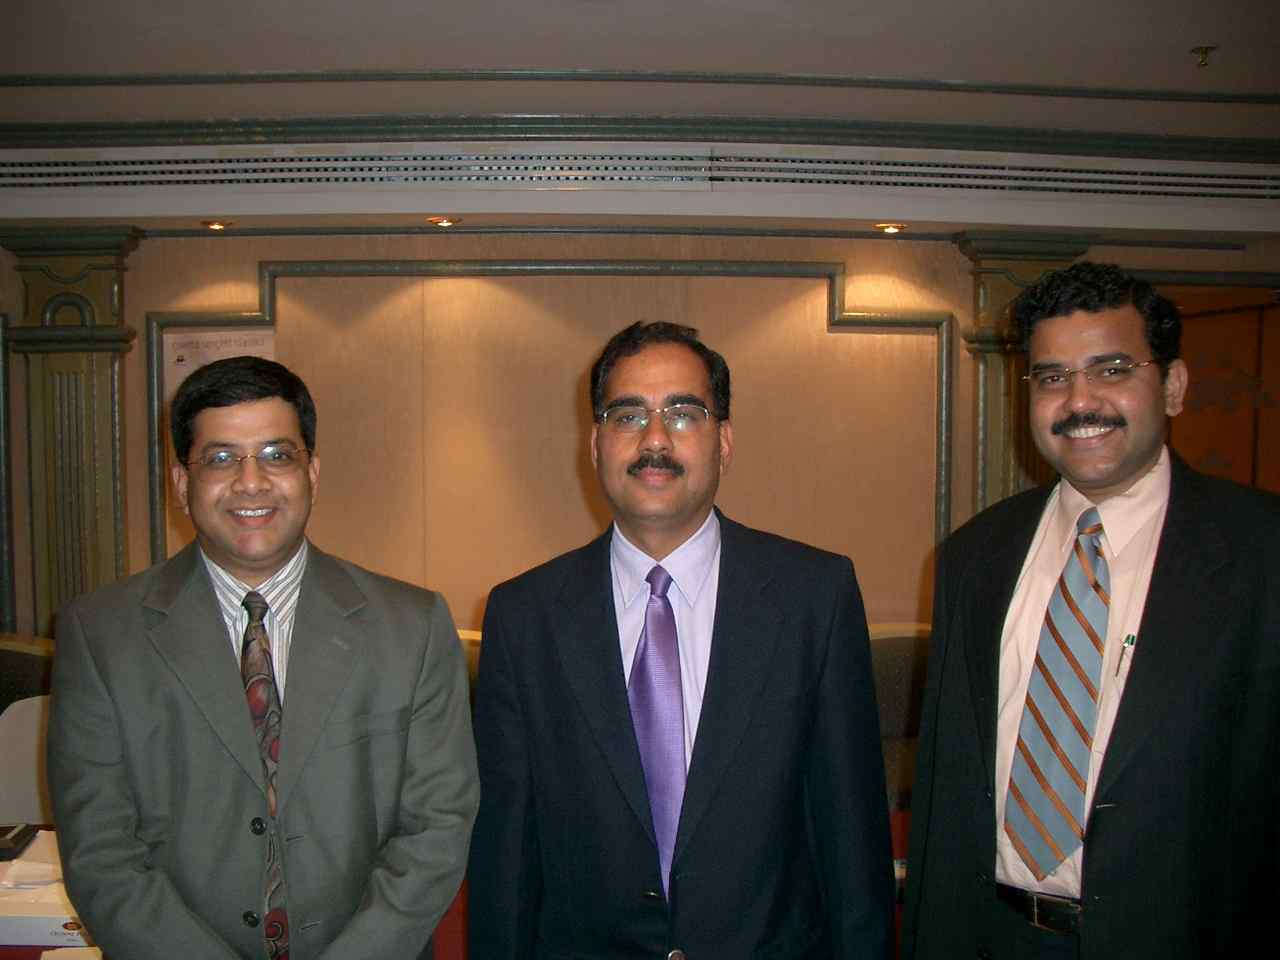 Balaji, Sudhesh, Pramoth